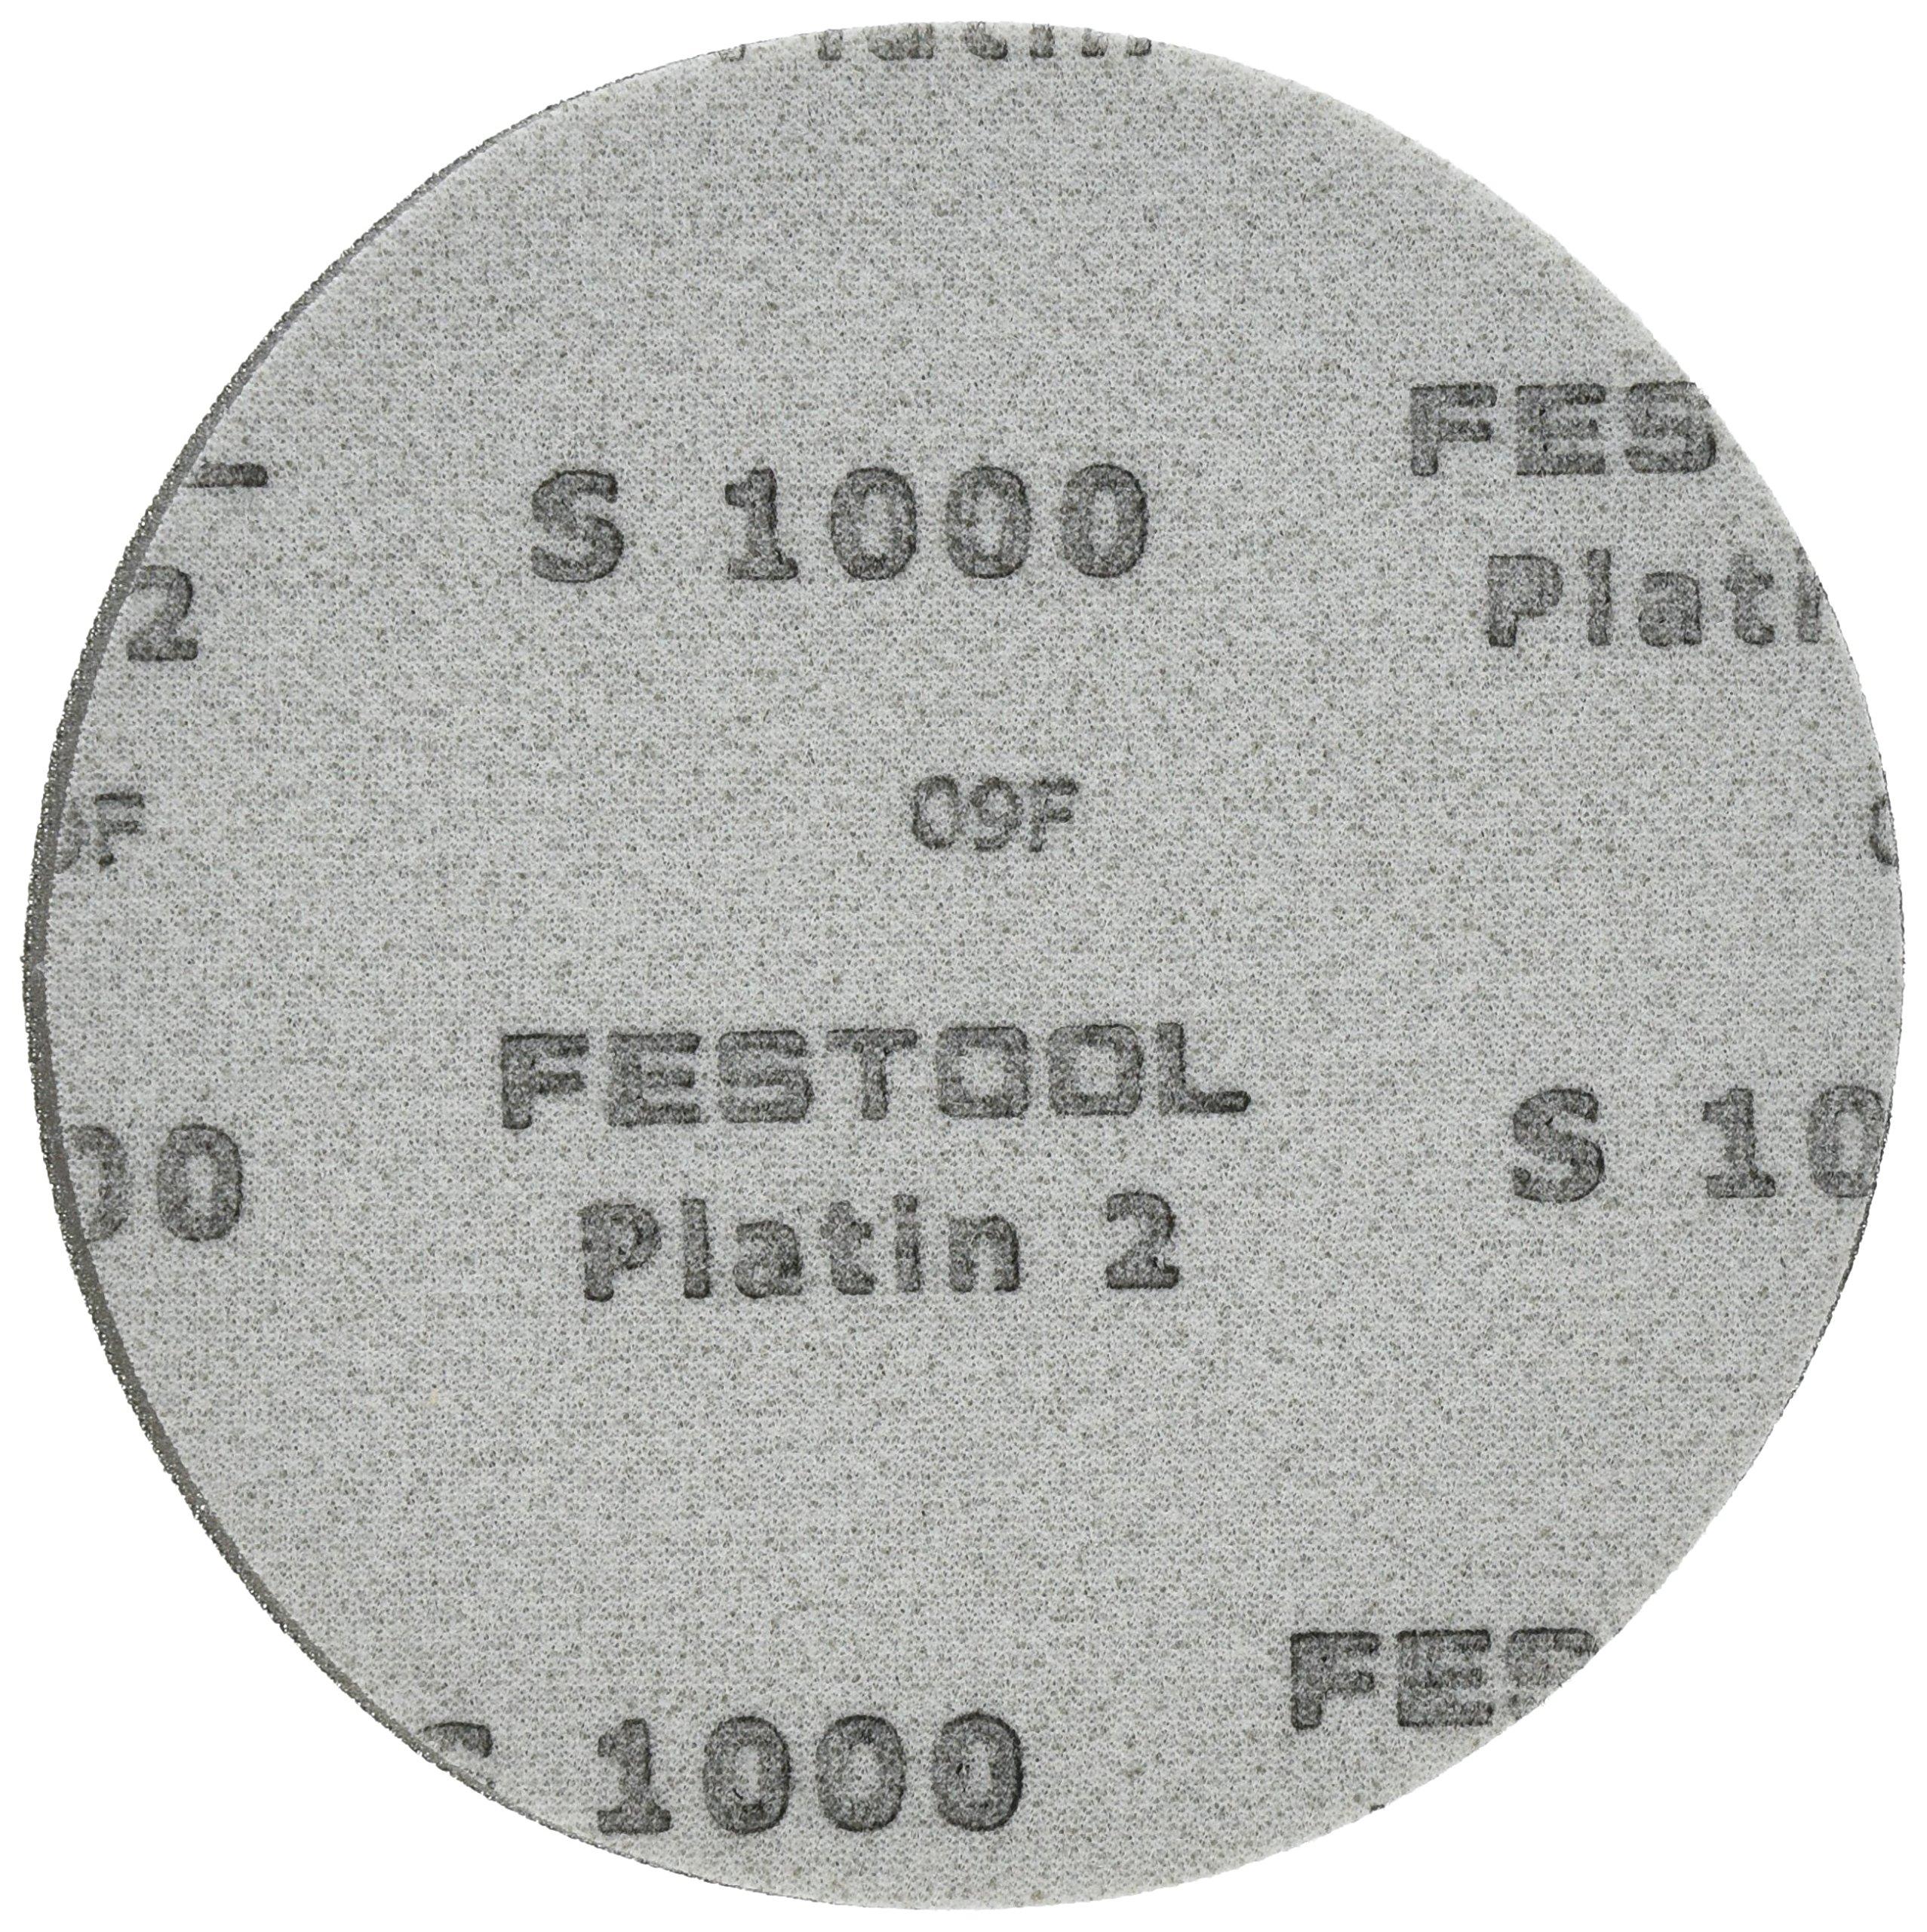 Festool 492370 S1000 Grit, Platin 2 Abrasives, Pack of 15 by Festool (Image #2)